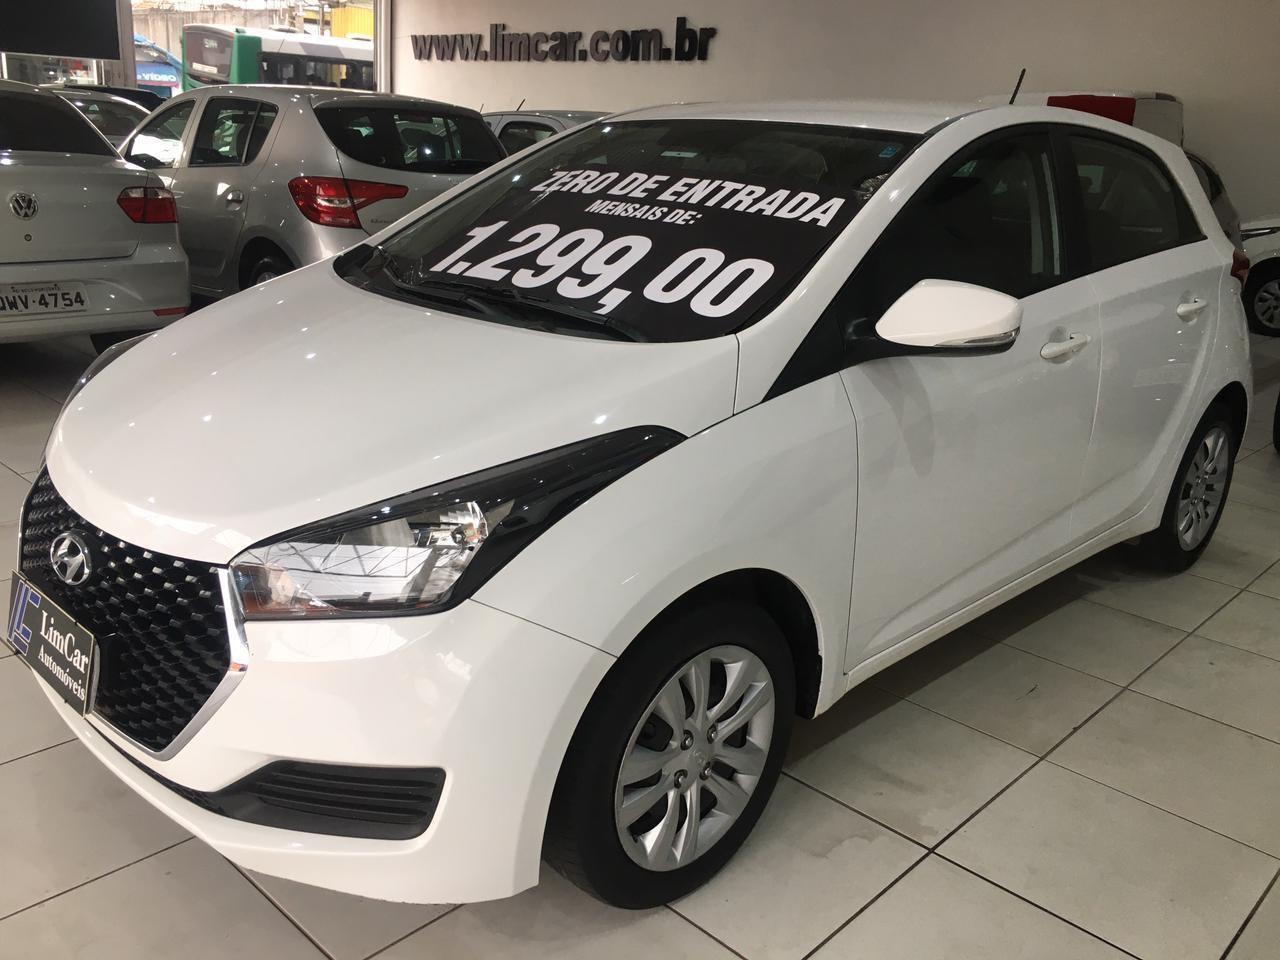 //www.autoline.com.br/carro/hyundai/hb20-10-comfort-plus-12v-flex-4p-manual/2019/sao-paulo-sp/14979745